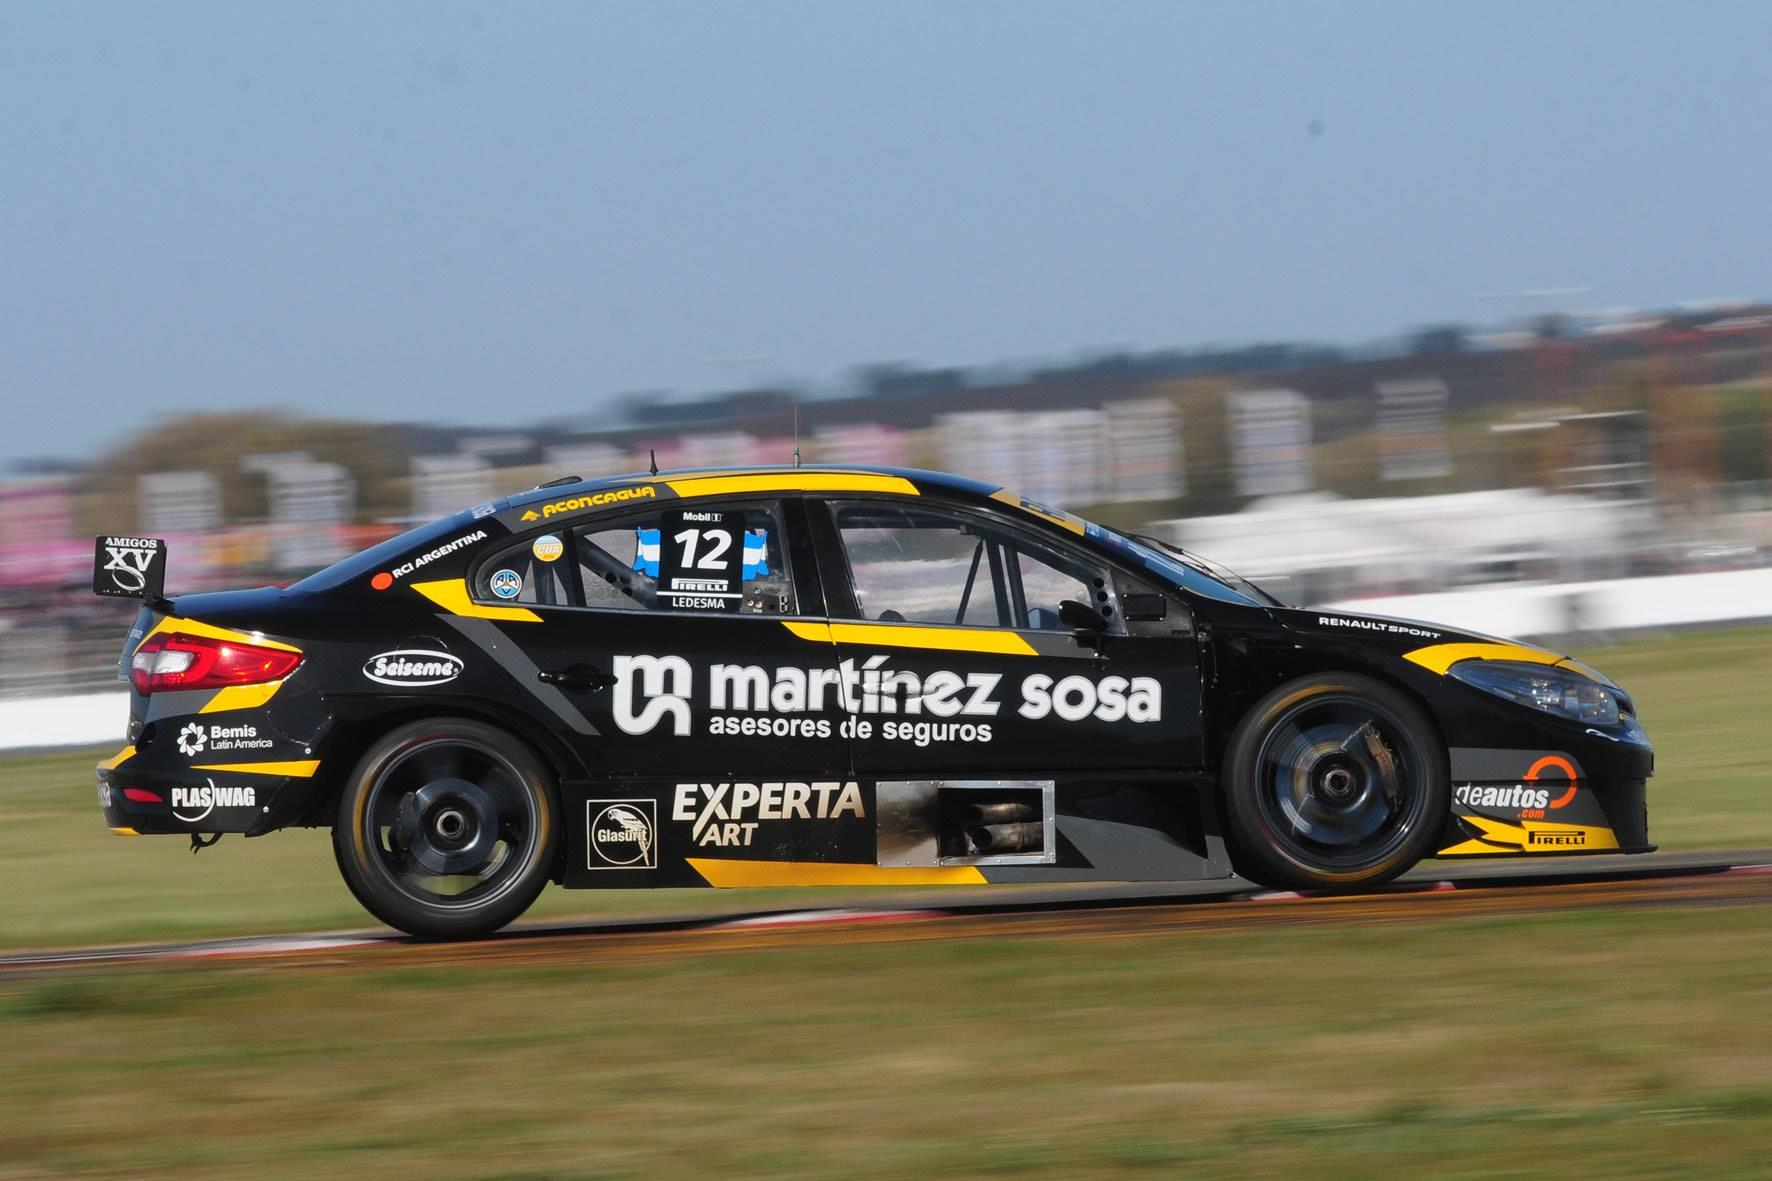 Christian Ledesma terminó la clasificación en el 3º puesto.